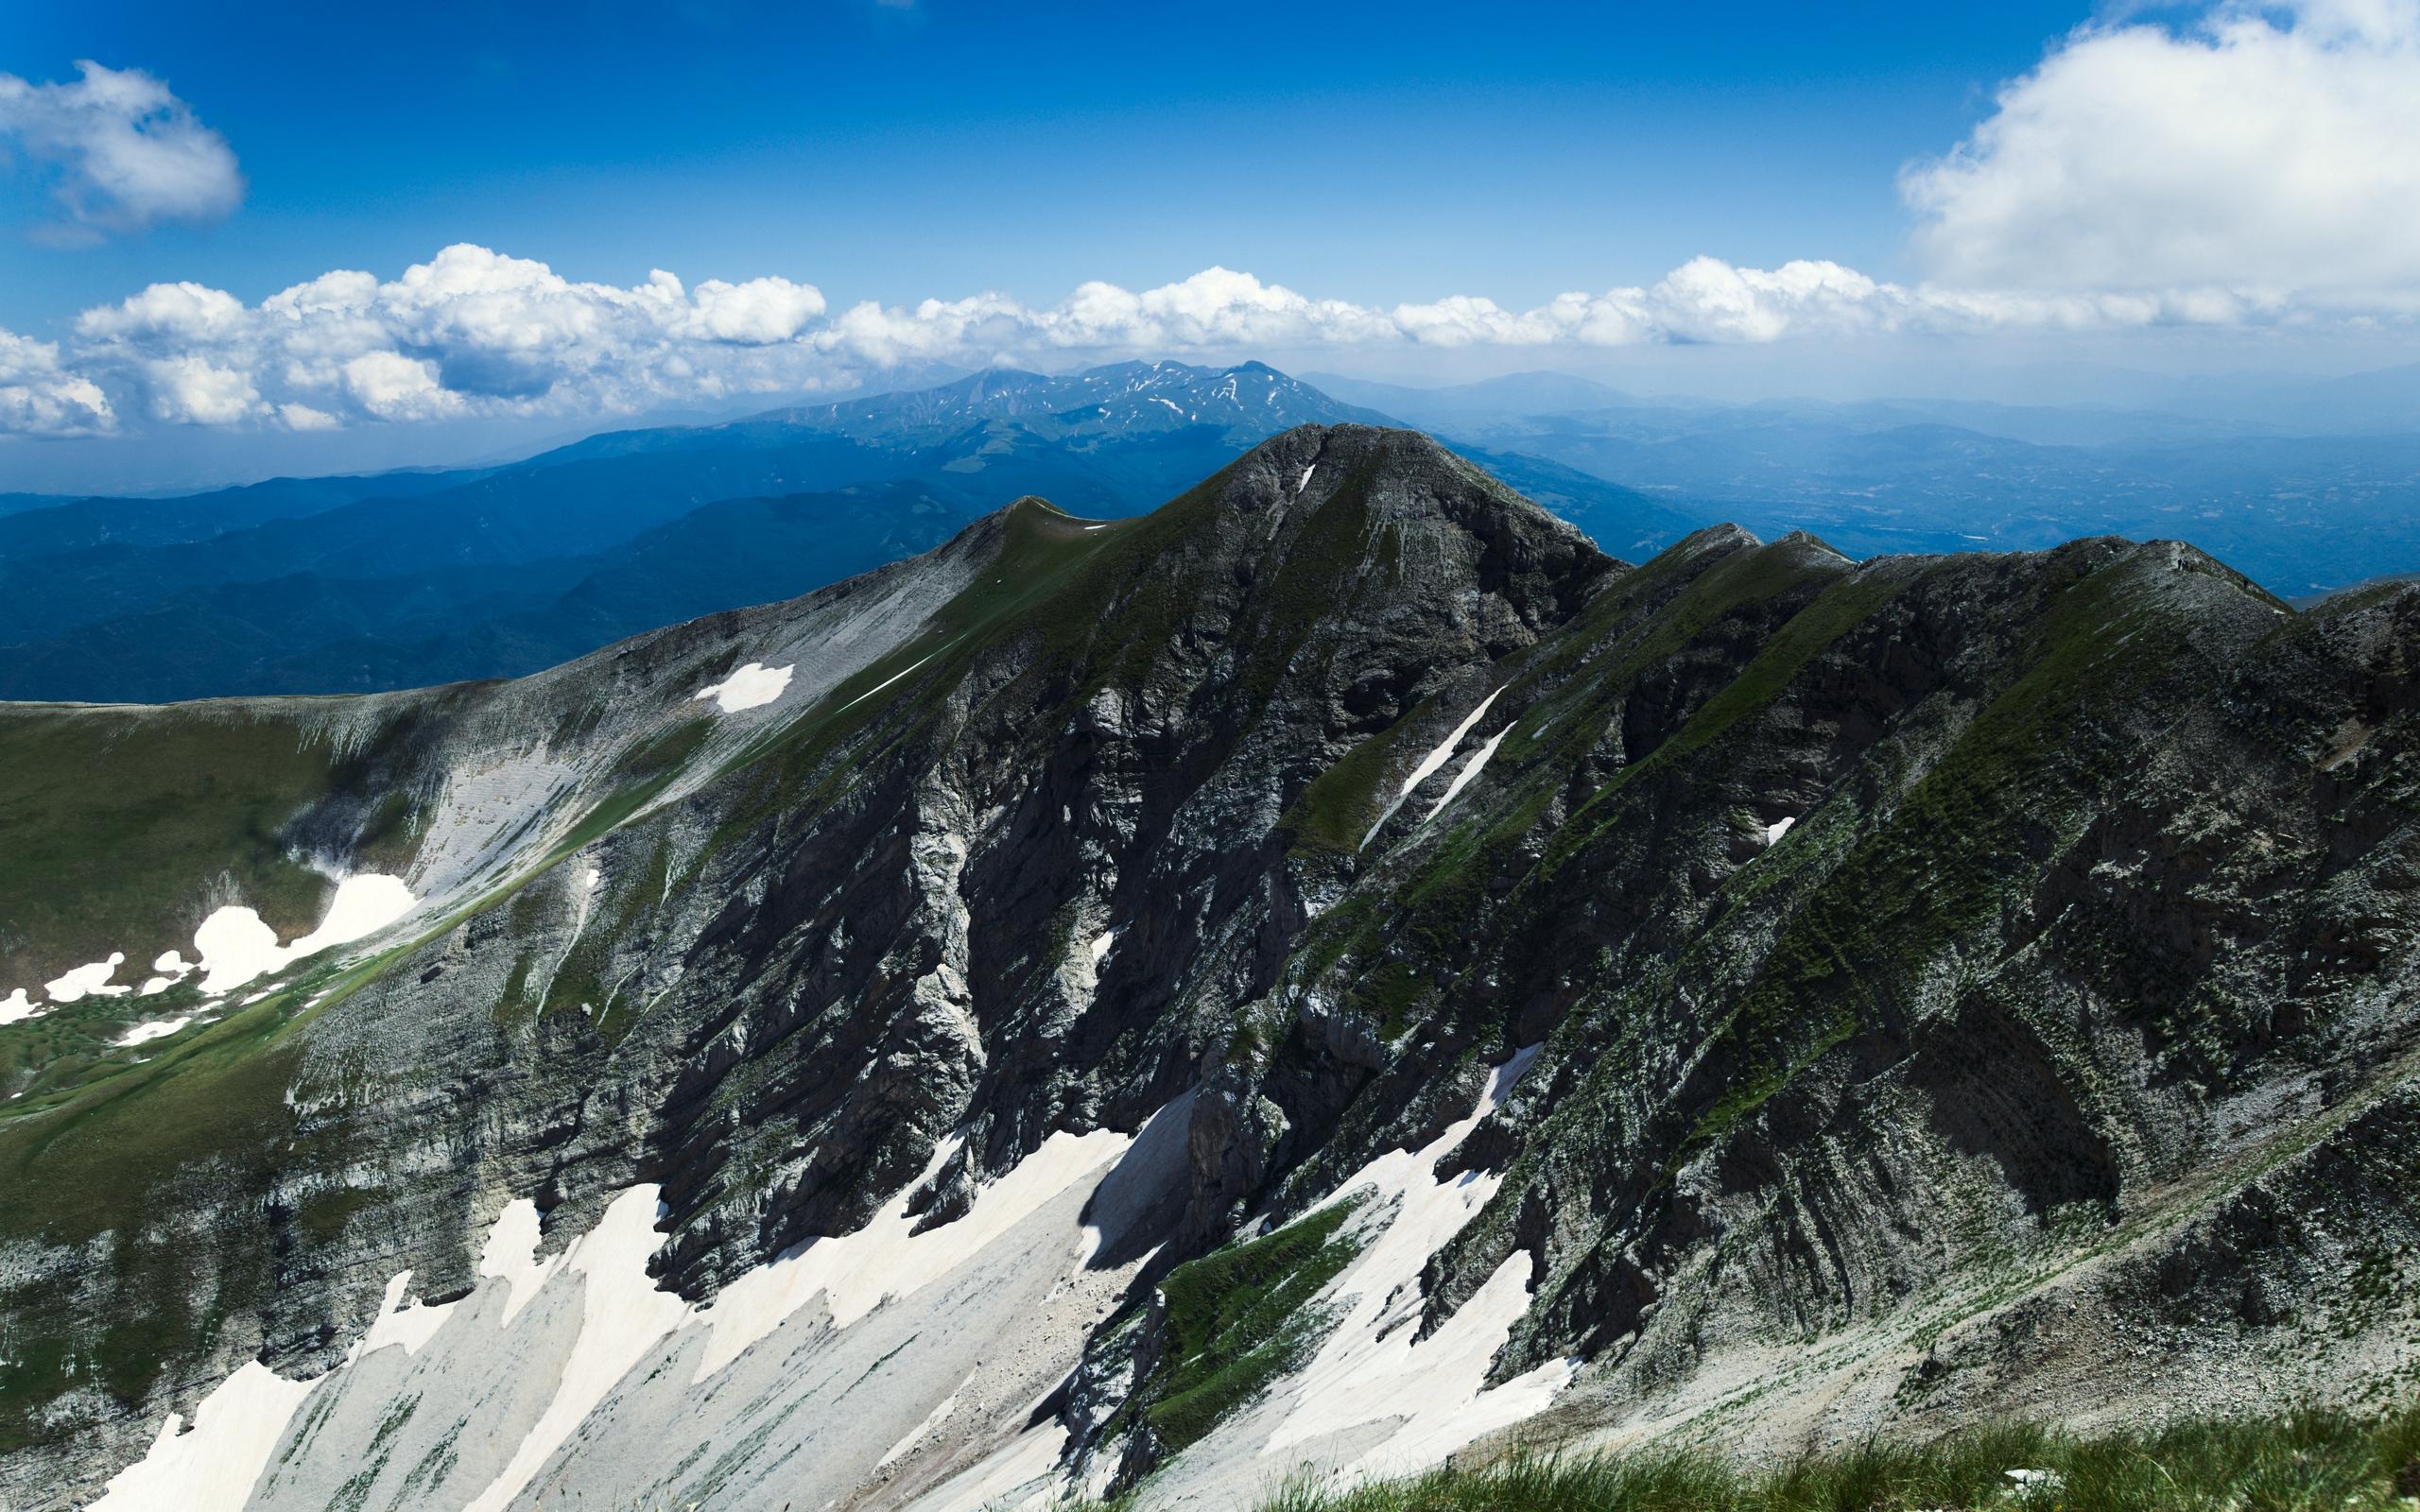 Альпы, горы, Италия, небо, облака, трава, hd обои